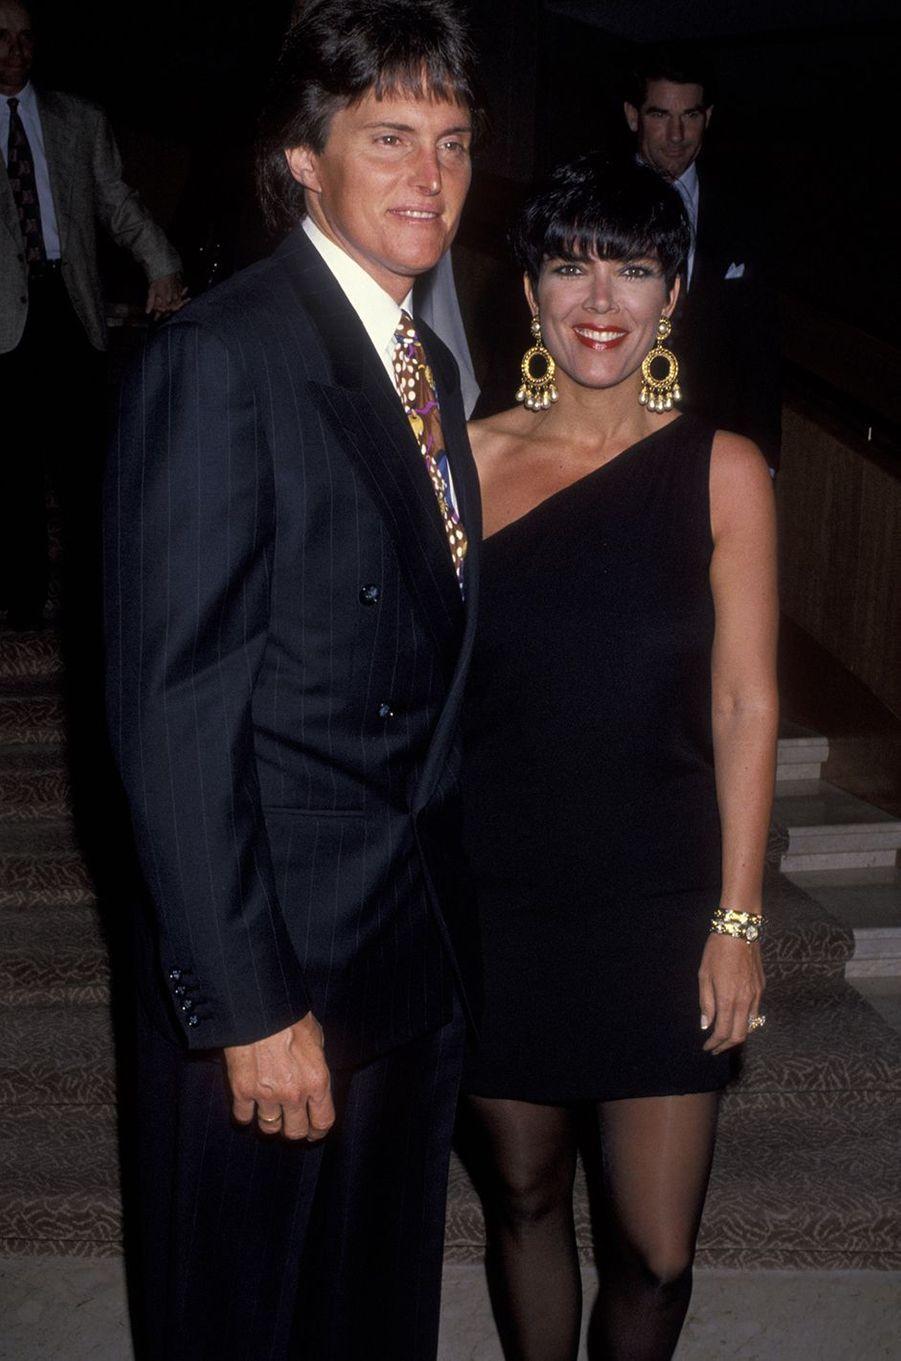 Bruce et Kris Jenner lors d'une soirée à Palm Springs en mars 1993